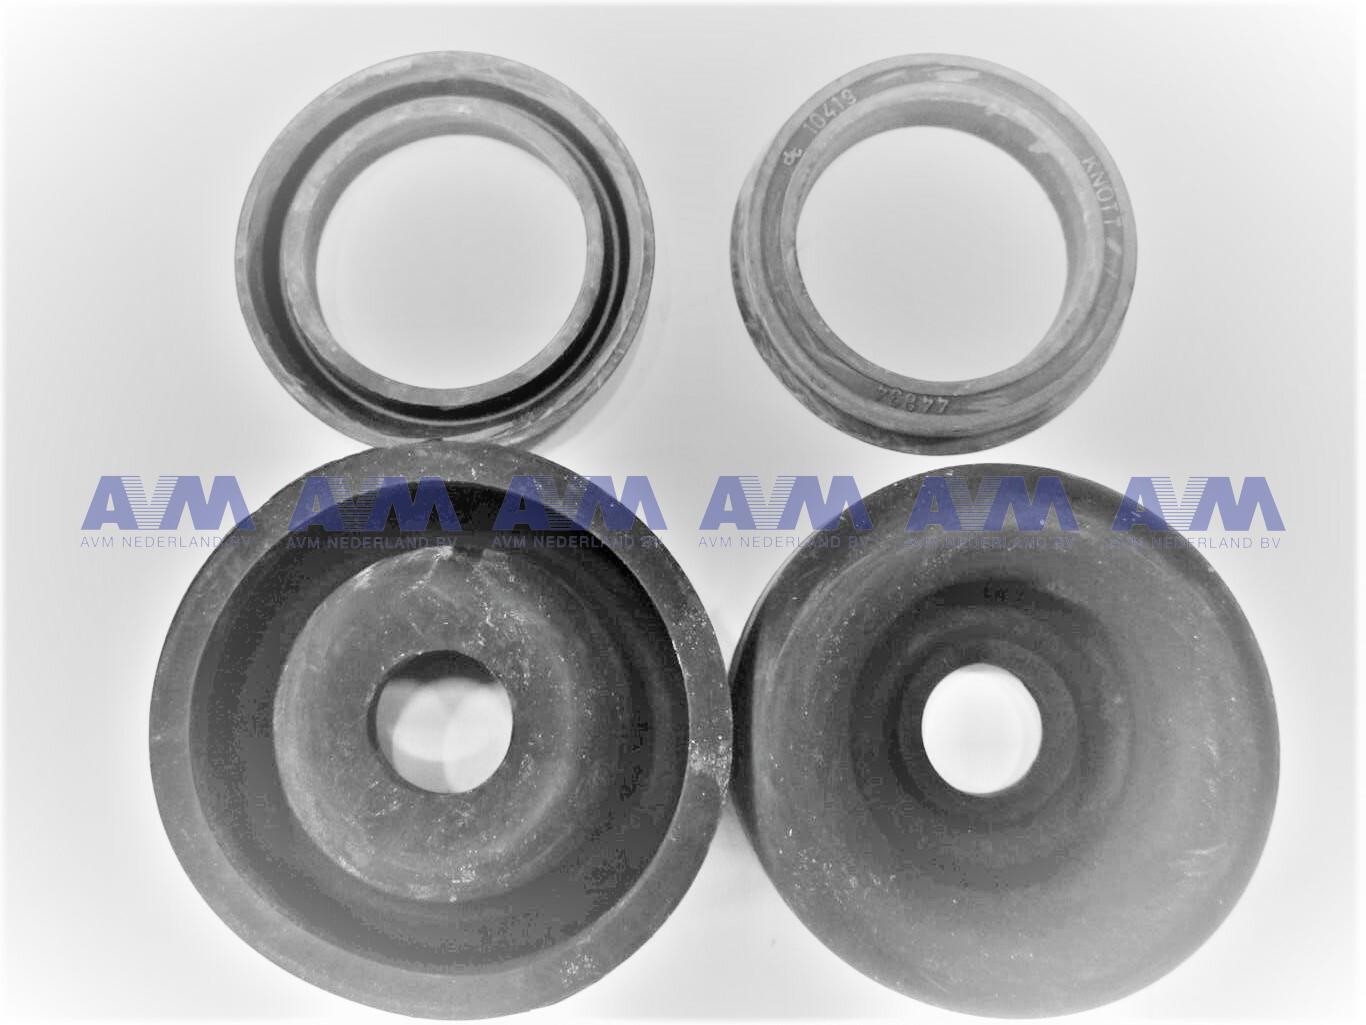 Reparatieset 50,8 mm remolie RK-47041